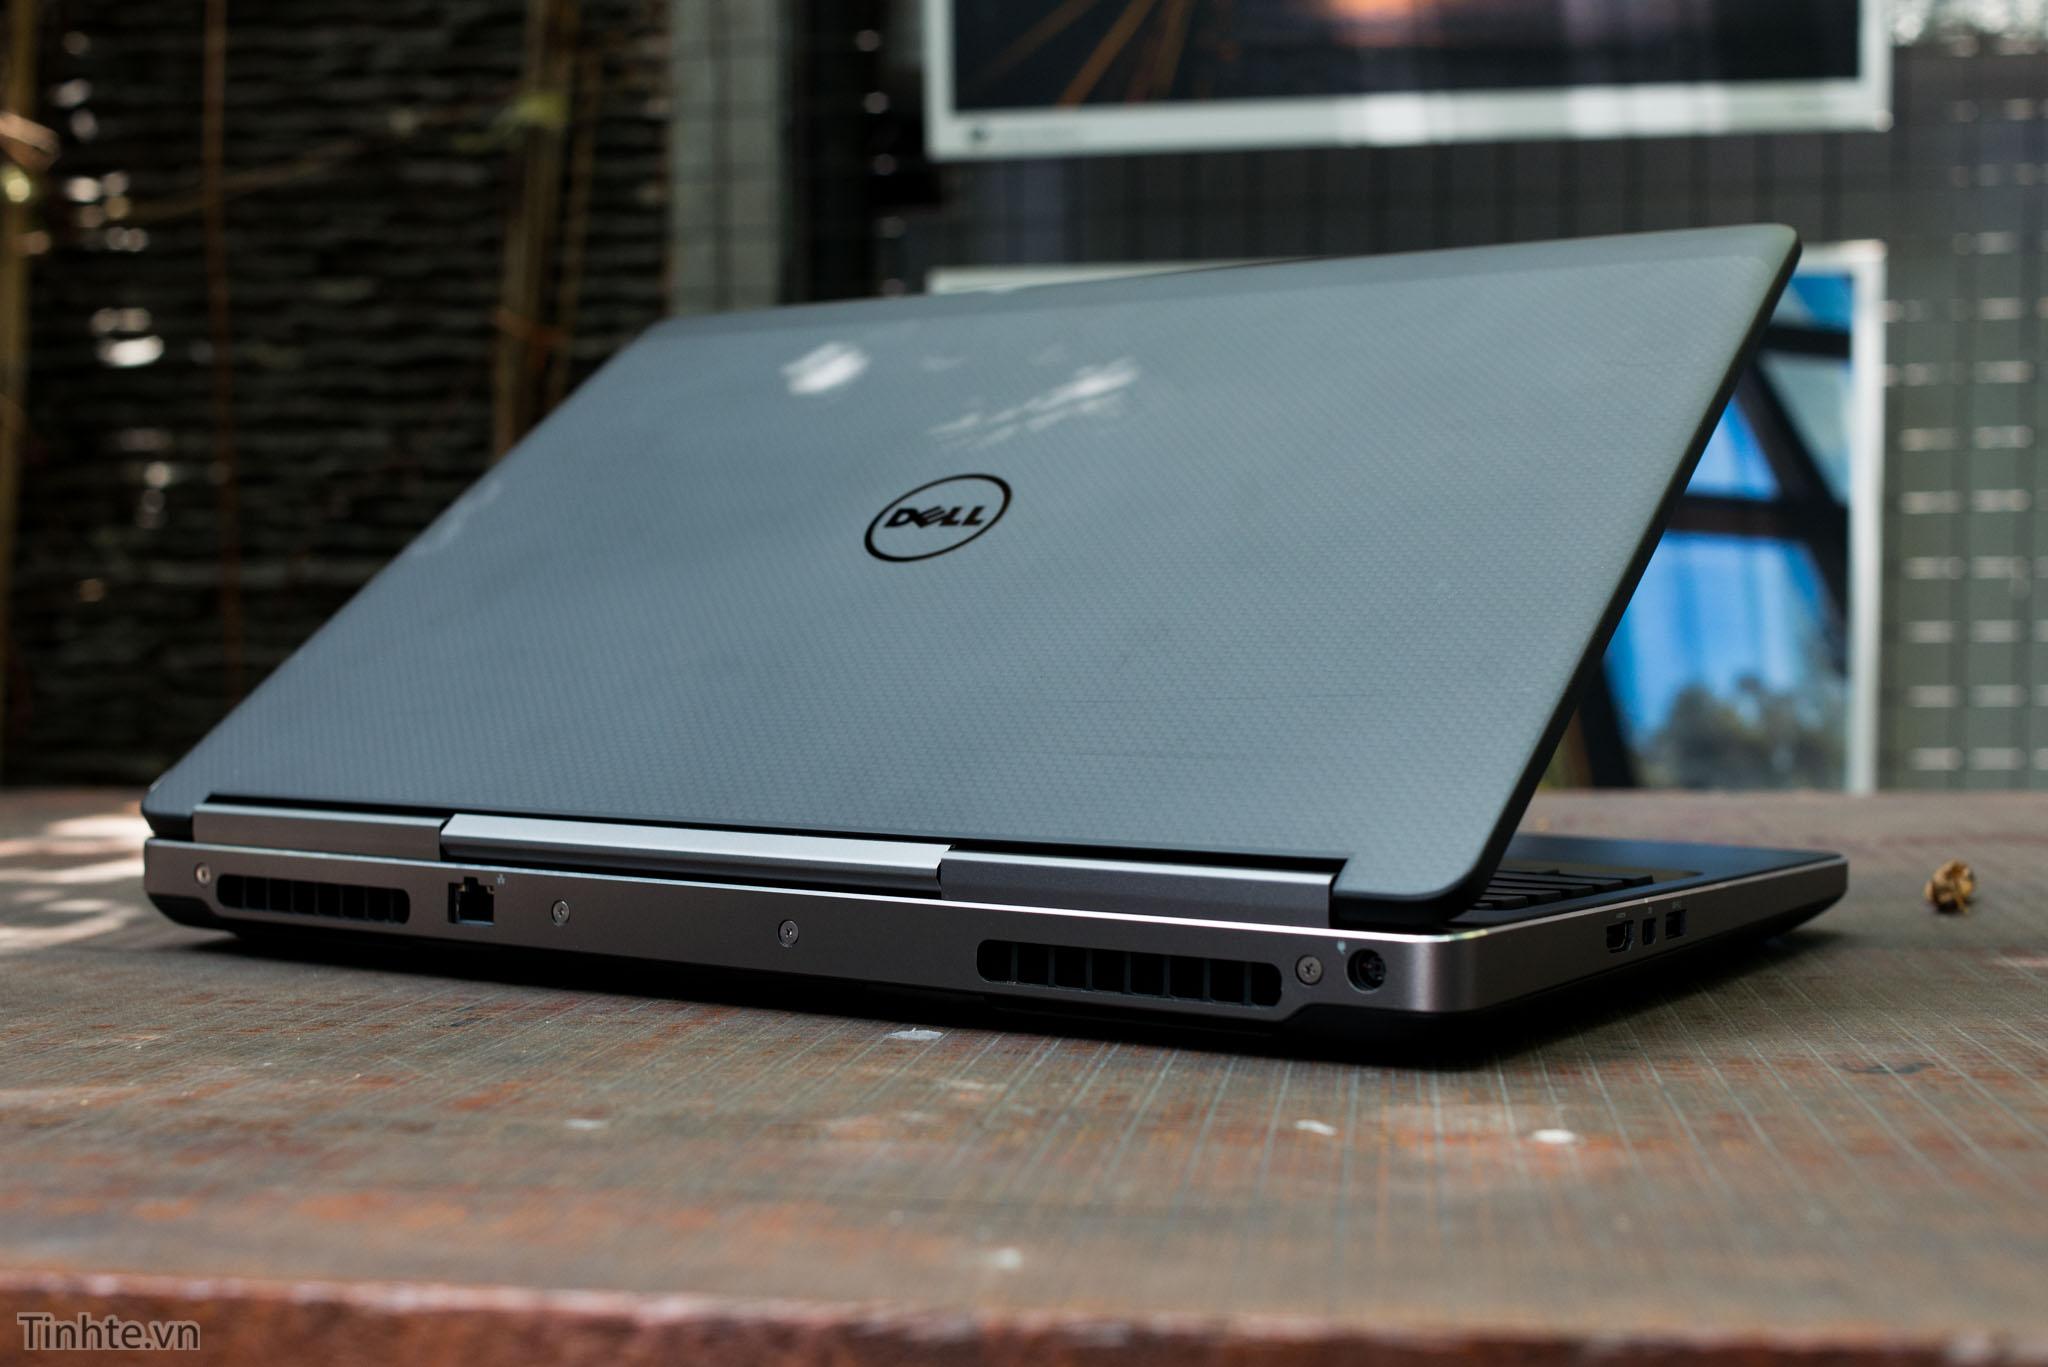 Đang tải Dell 7510_tinhte.vn 15.jpg…